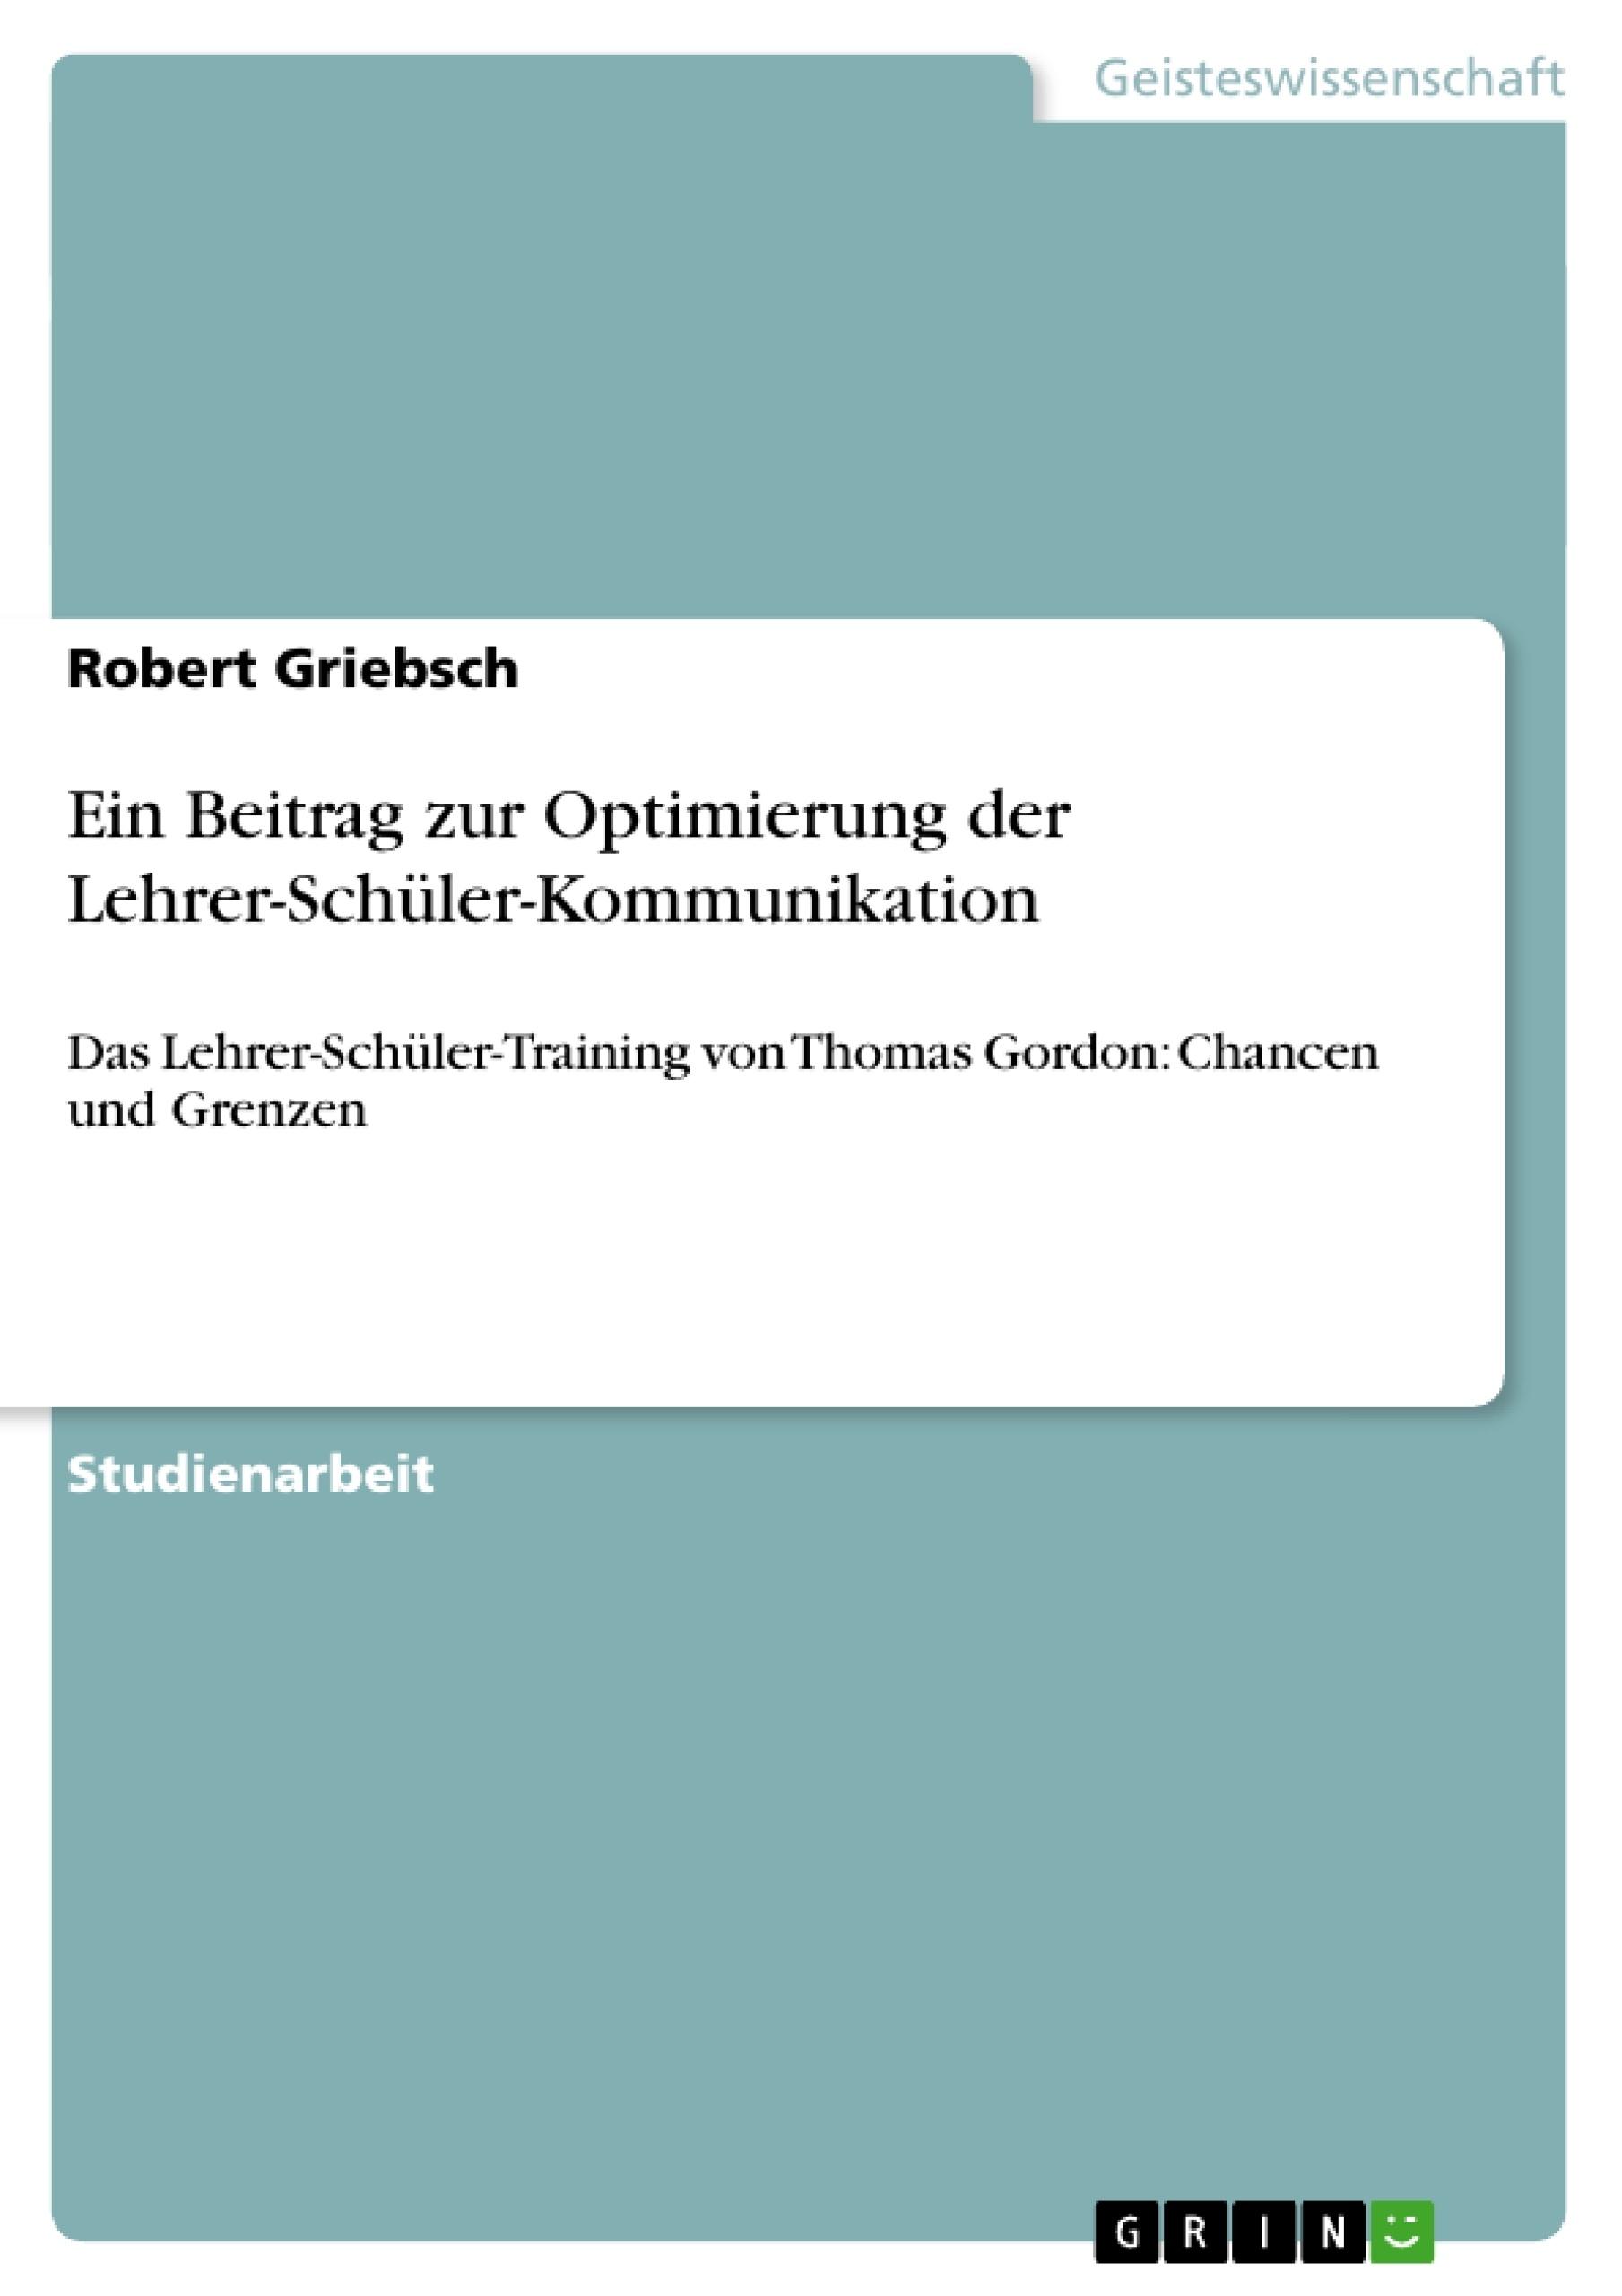 Titel: Ein Beitrag zur Optimierung der Lehrer-Schüler-Kommunikation